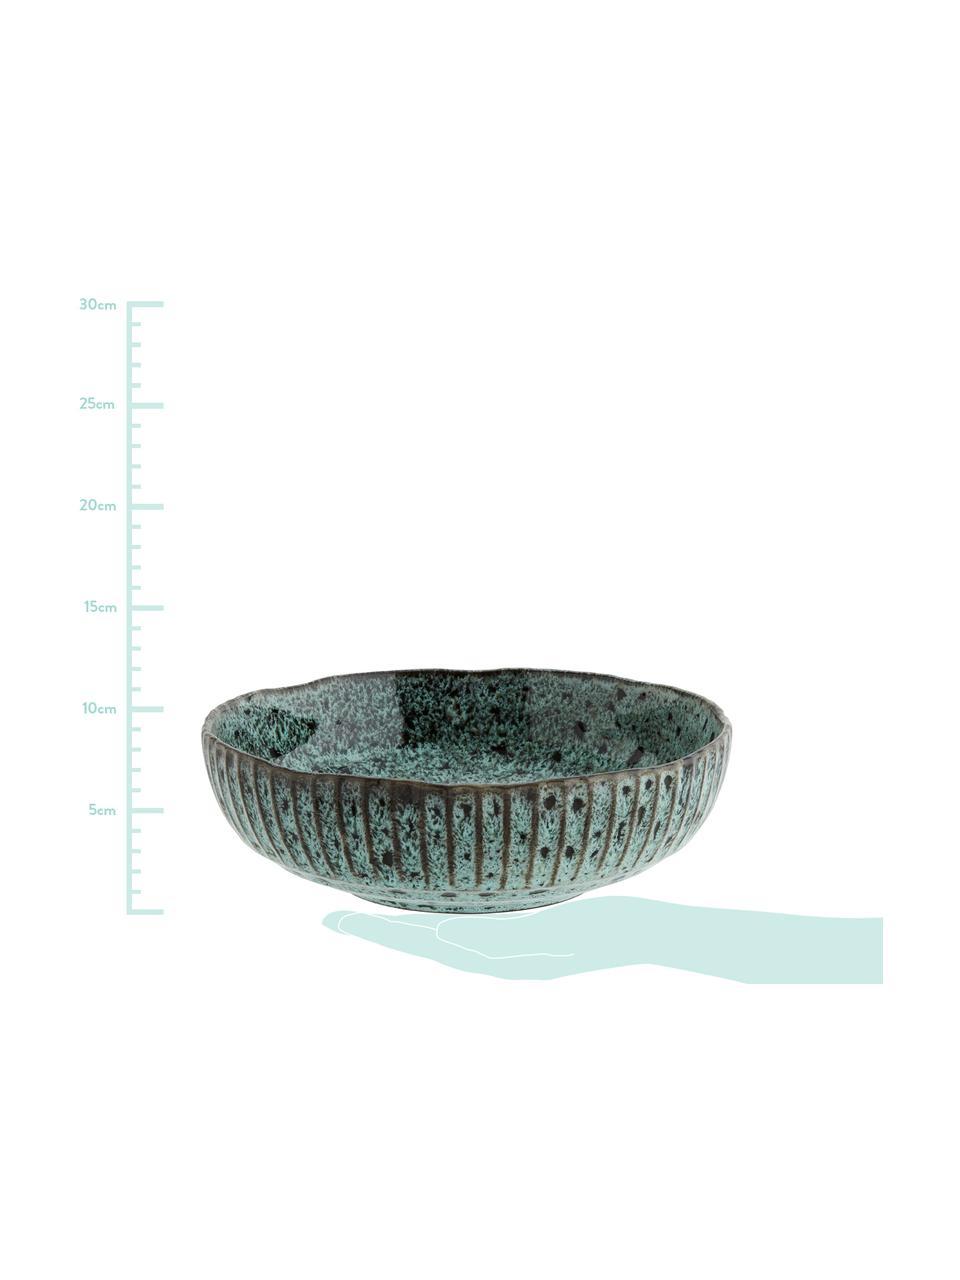 Steingut Schüssel Vingo in Blaugrün/Schwarz, Ø 26, Steingut, Blaugrün, Schwarz, Ø 26 x H 8 cm